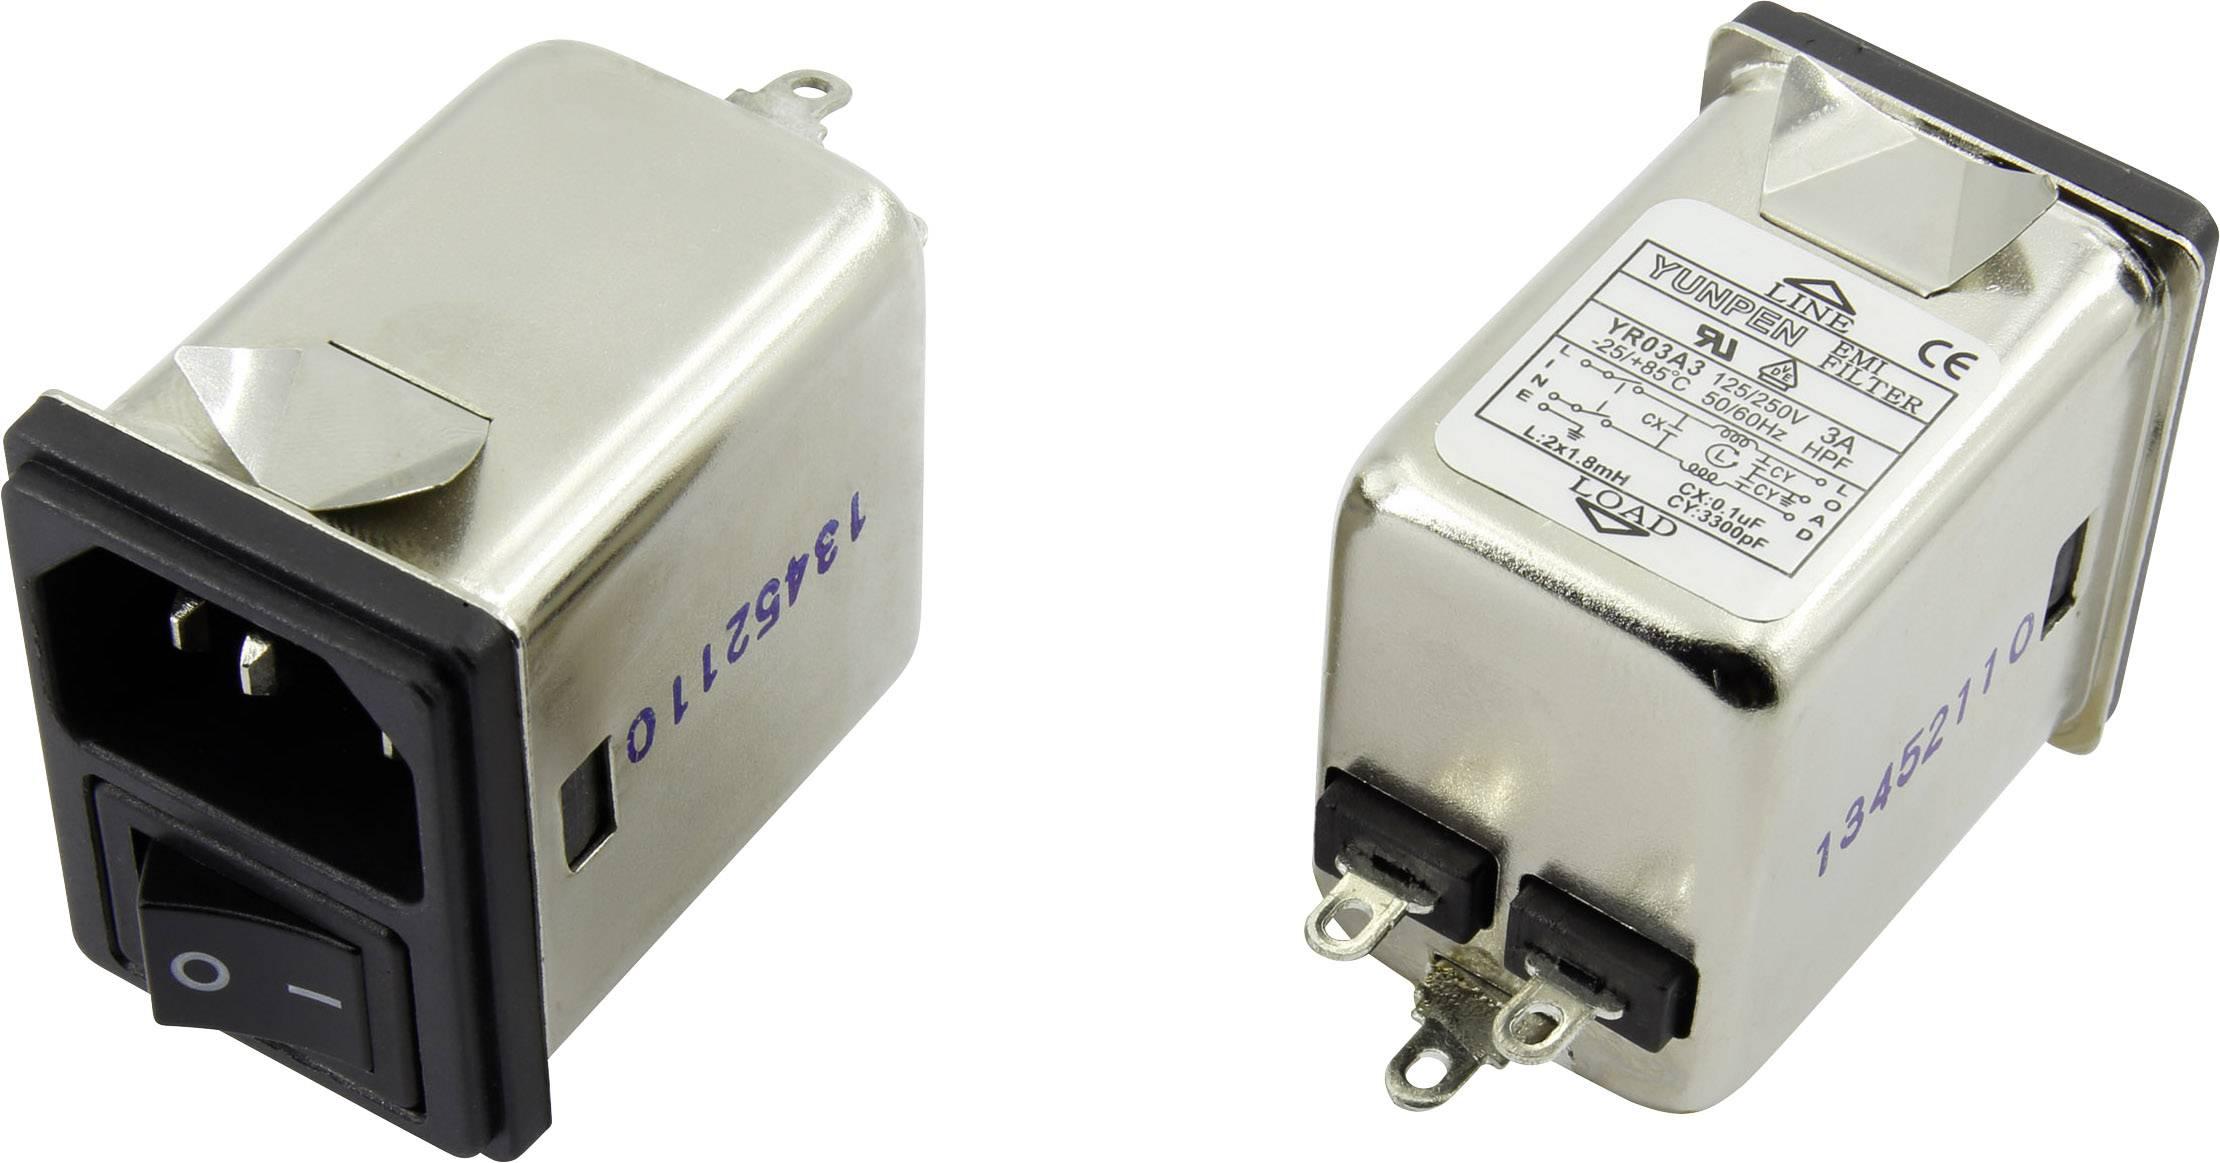 Odrušovací filtr Yunpen YR03A3, se spínačem, s IEC zásuvkou 250 V/AC, 3 A, 1.8 mH, (d x š x v) 41.1 x 31.6 x 56 mm, 1 ks